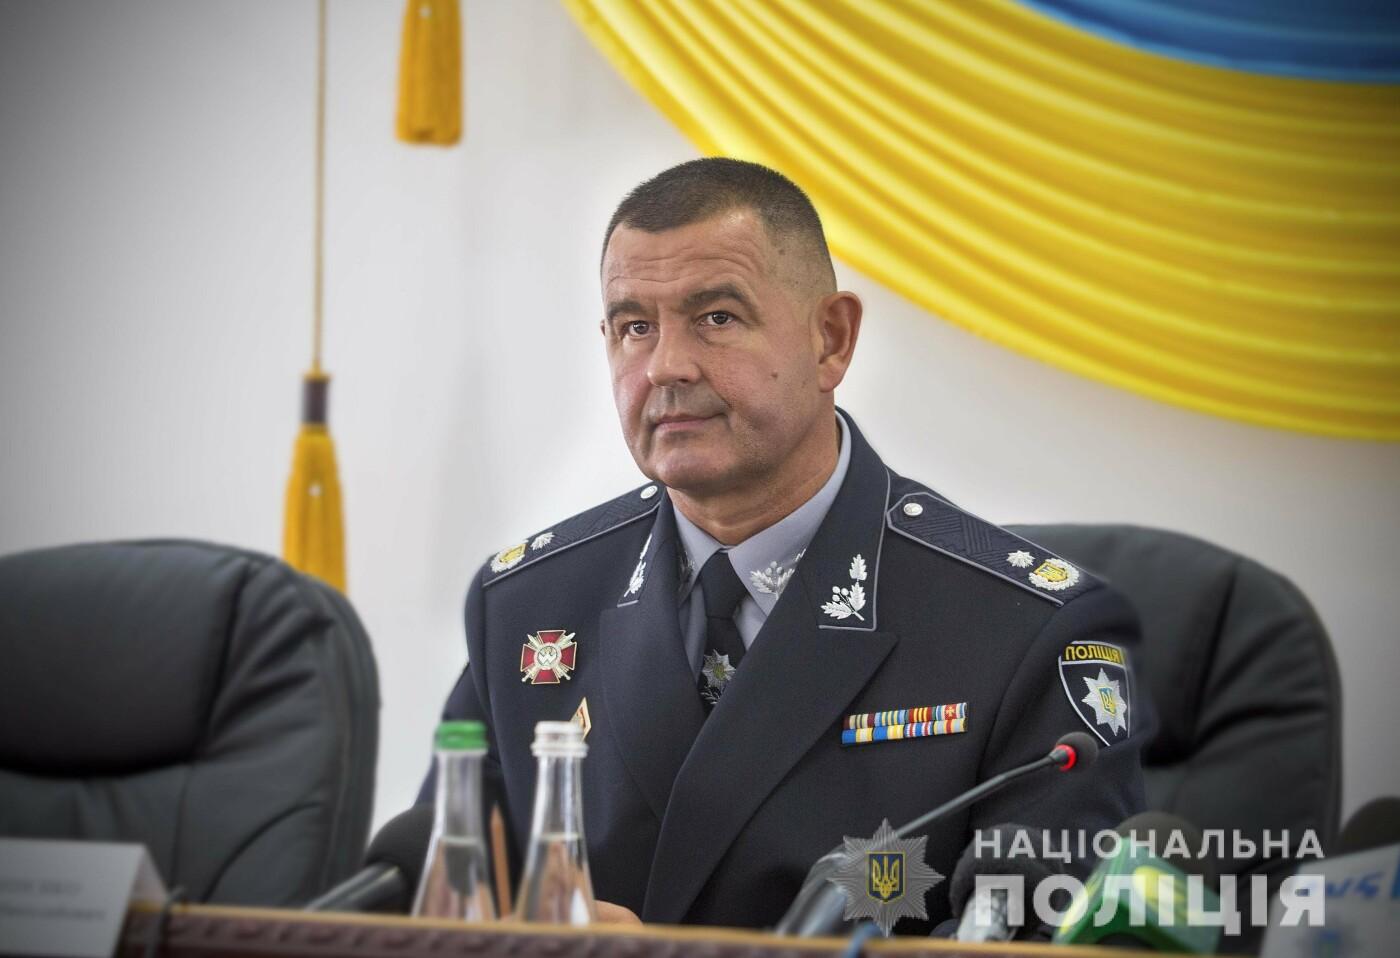 В Запорожье представили нового главу облуправления Нацполиции, фото-1